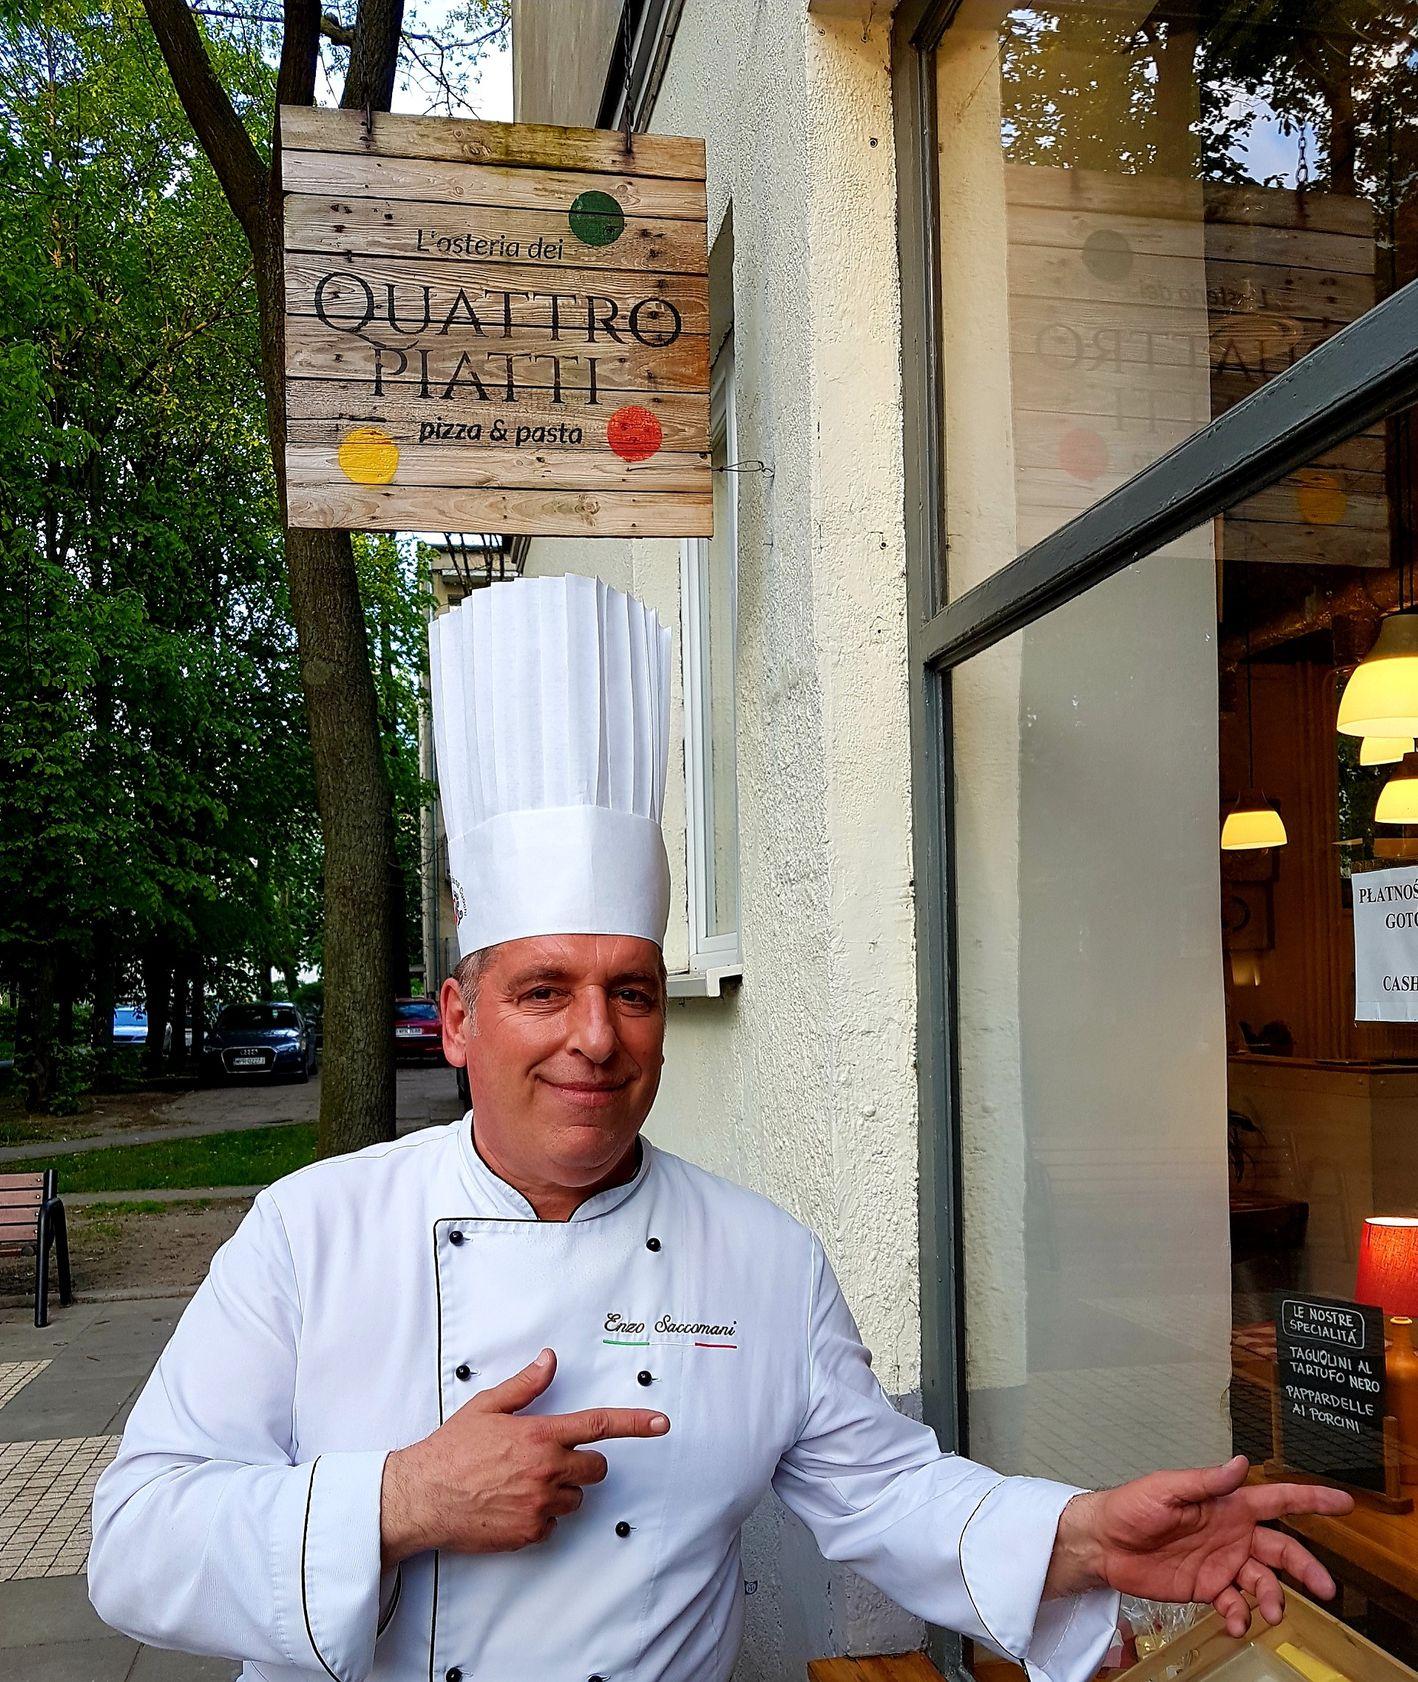 Restauracja Quattro Piatti, włoska kuchnia na Mokotowie, gdzie zjeść w Warszawie (fot. materiały prasowe)